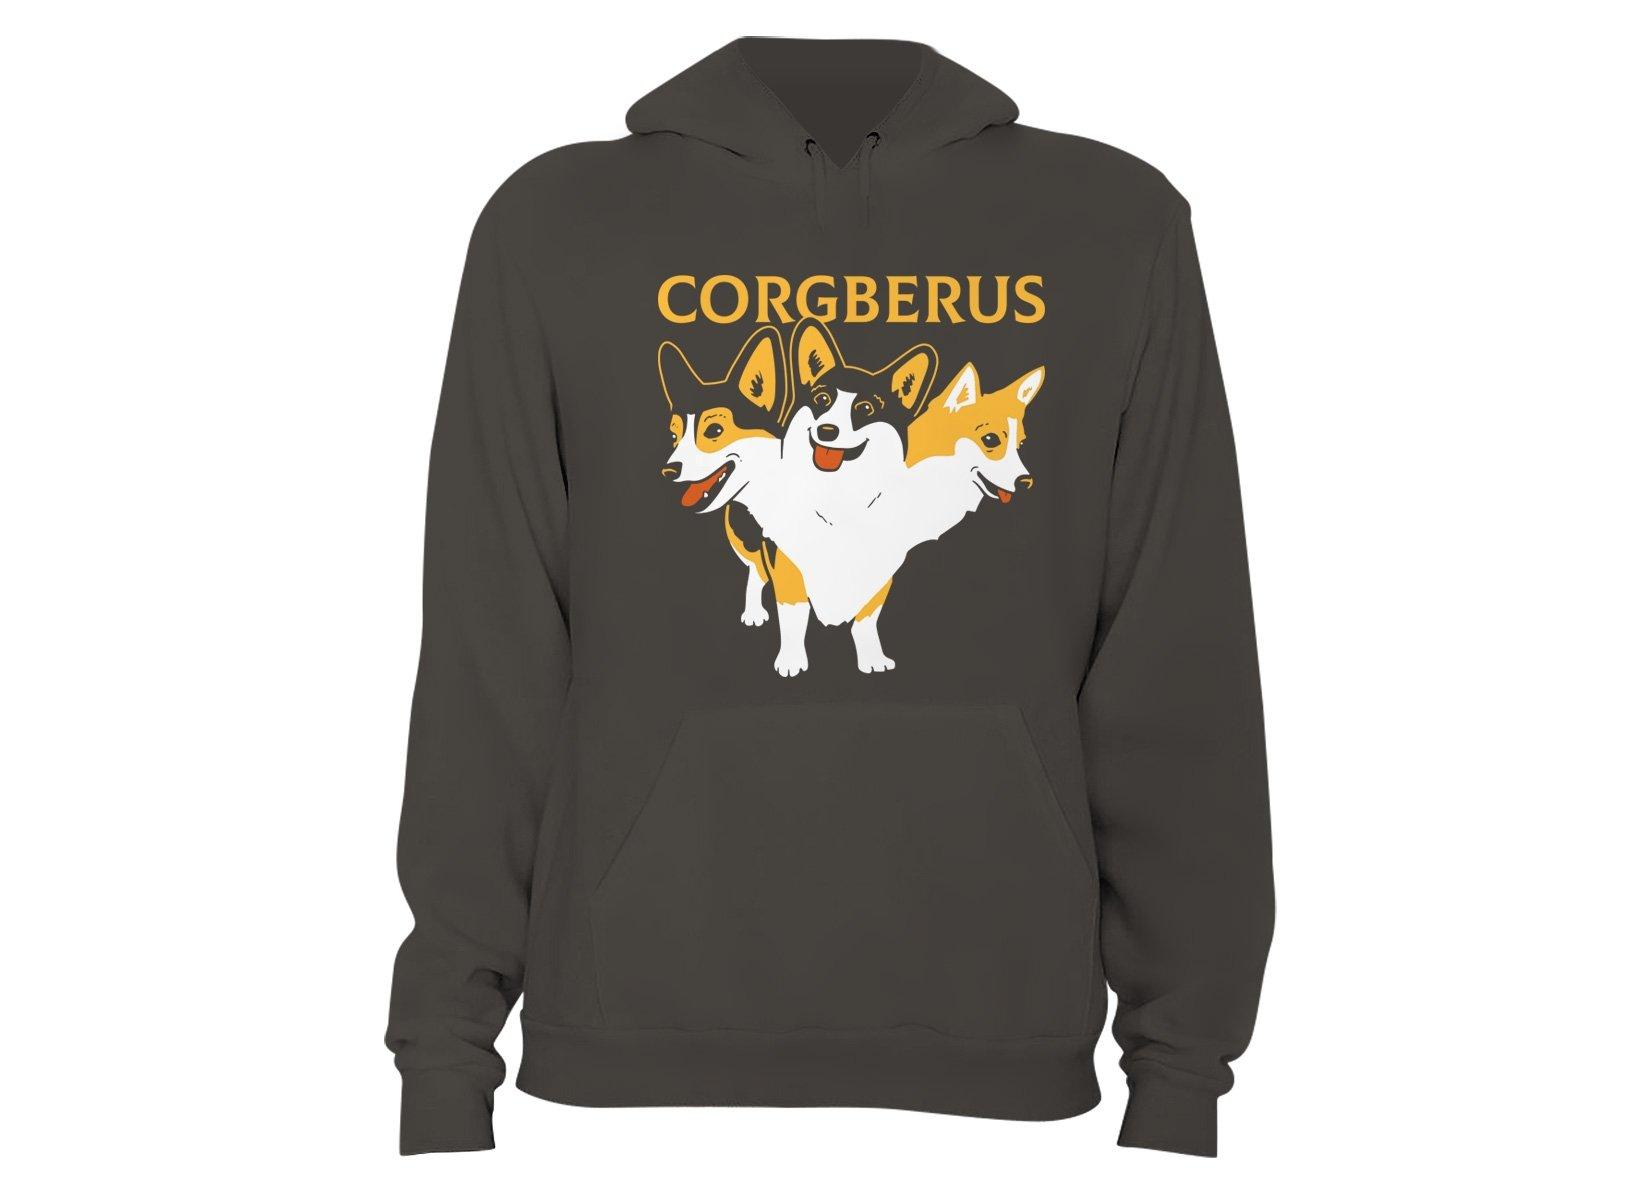 Corgberus on Hoodie